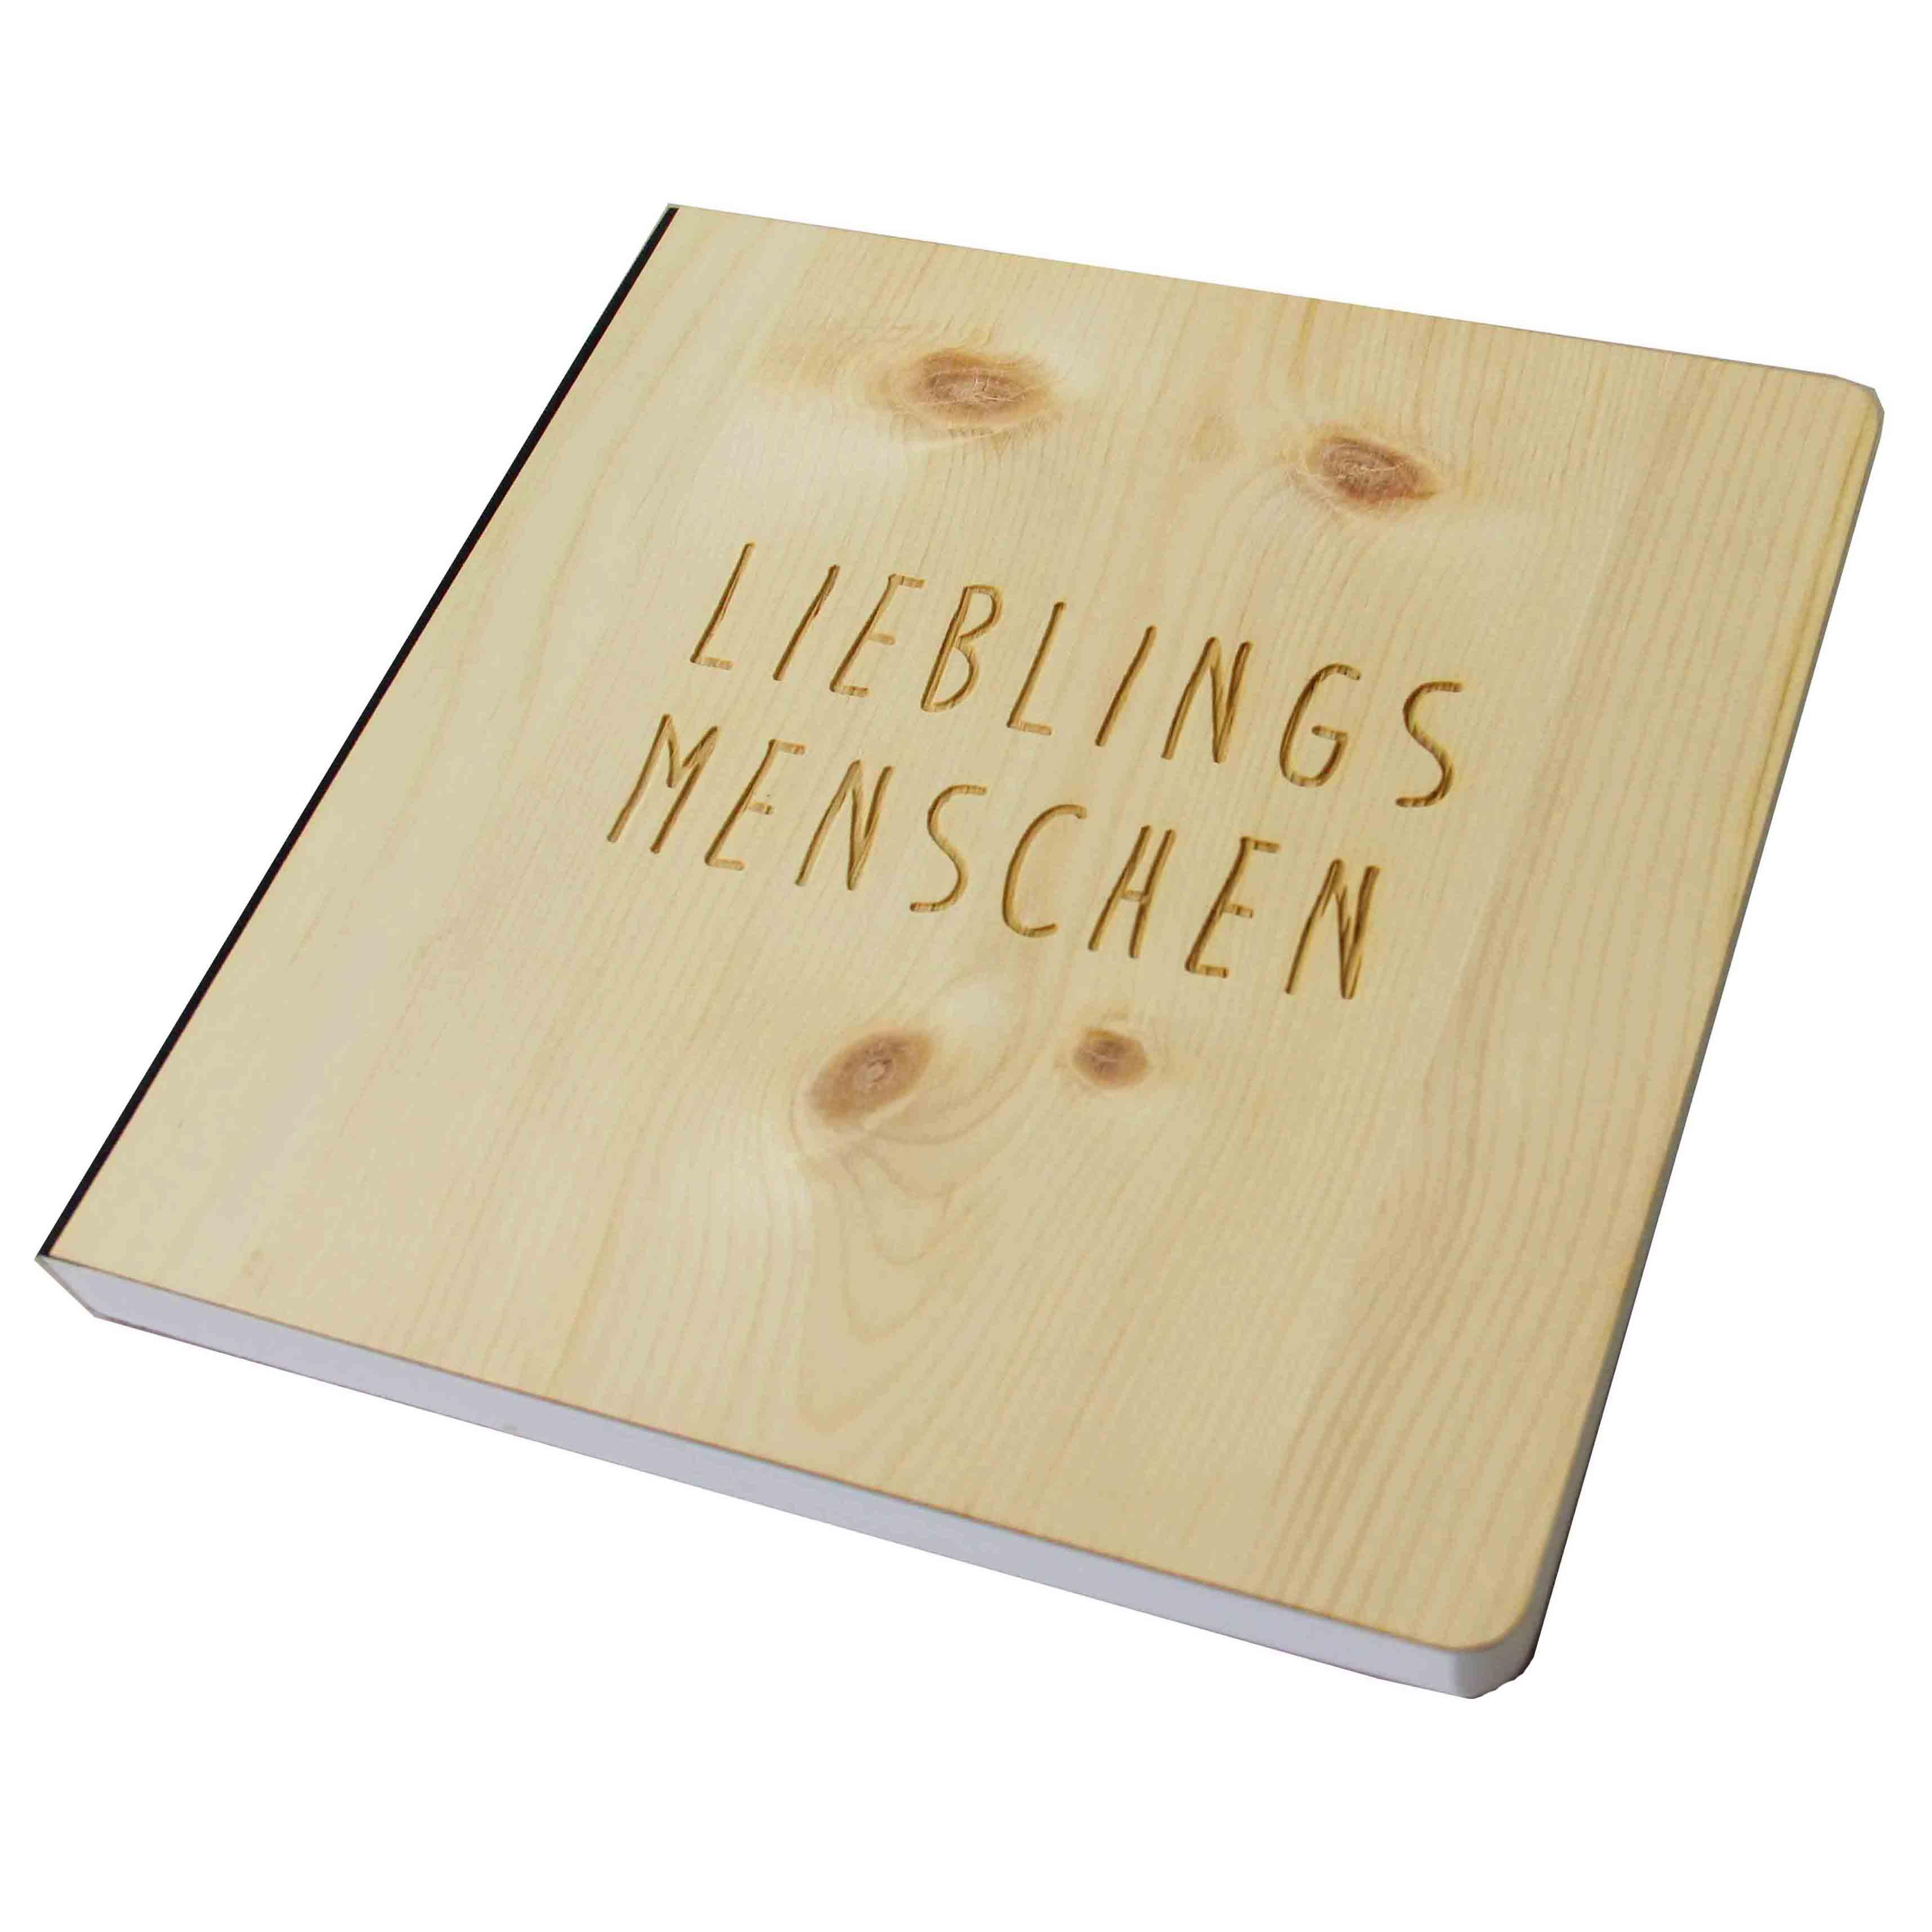 """Holz Gästebuch mit eingraviertem Schriftzug """"Lieblingsmenschen"""", Fotoalbum und Stammbuch für verschiedene Anlässe, bestehend aus Echtholz, Zirbenholzcover"""